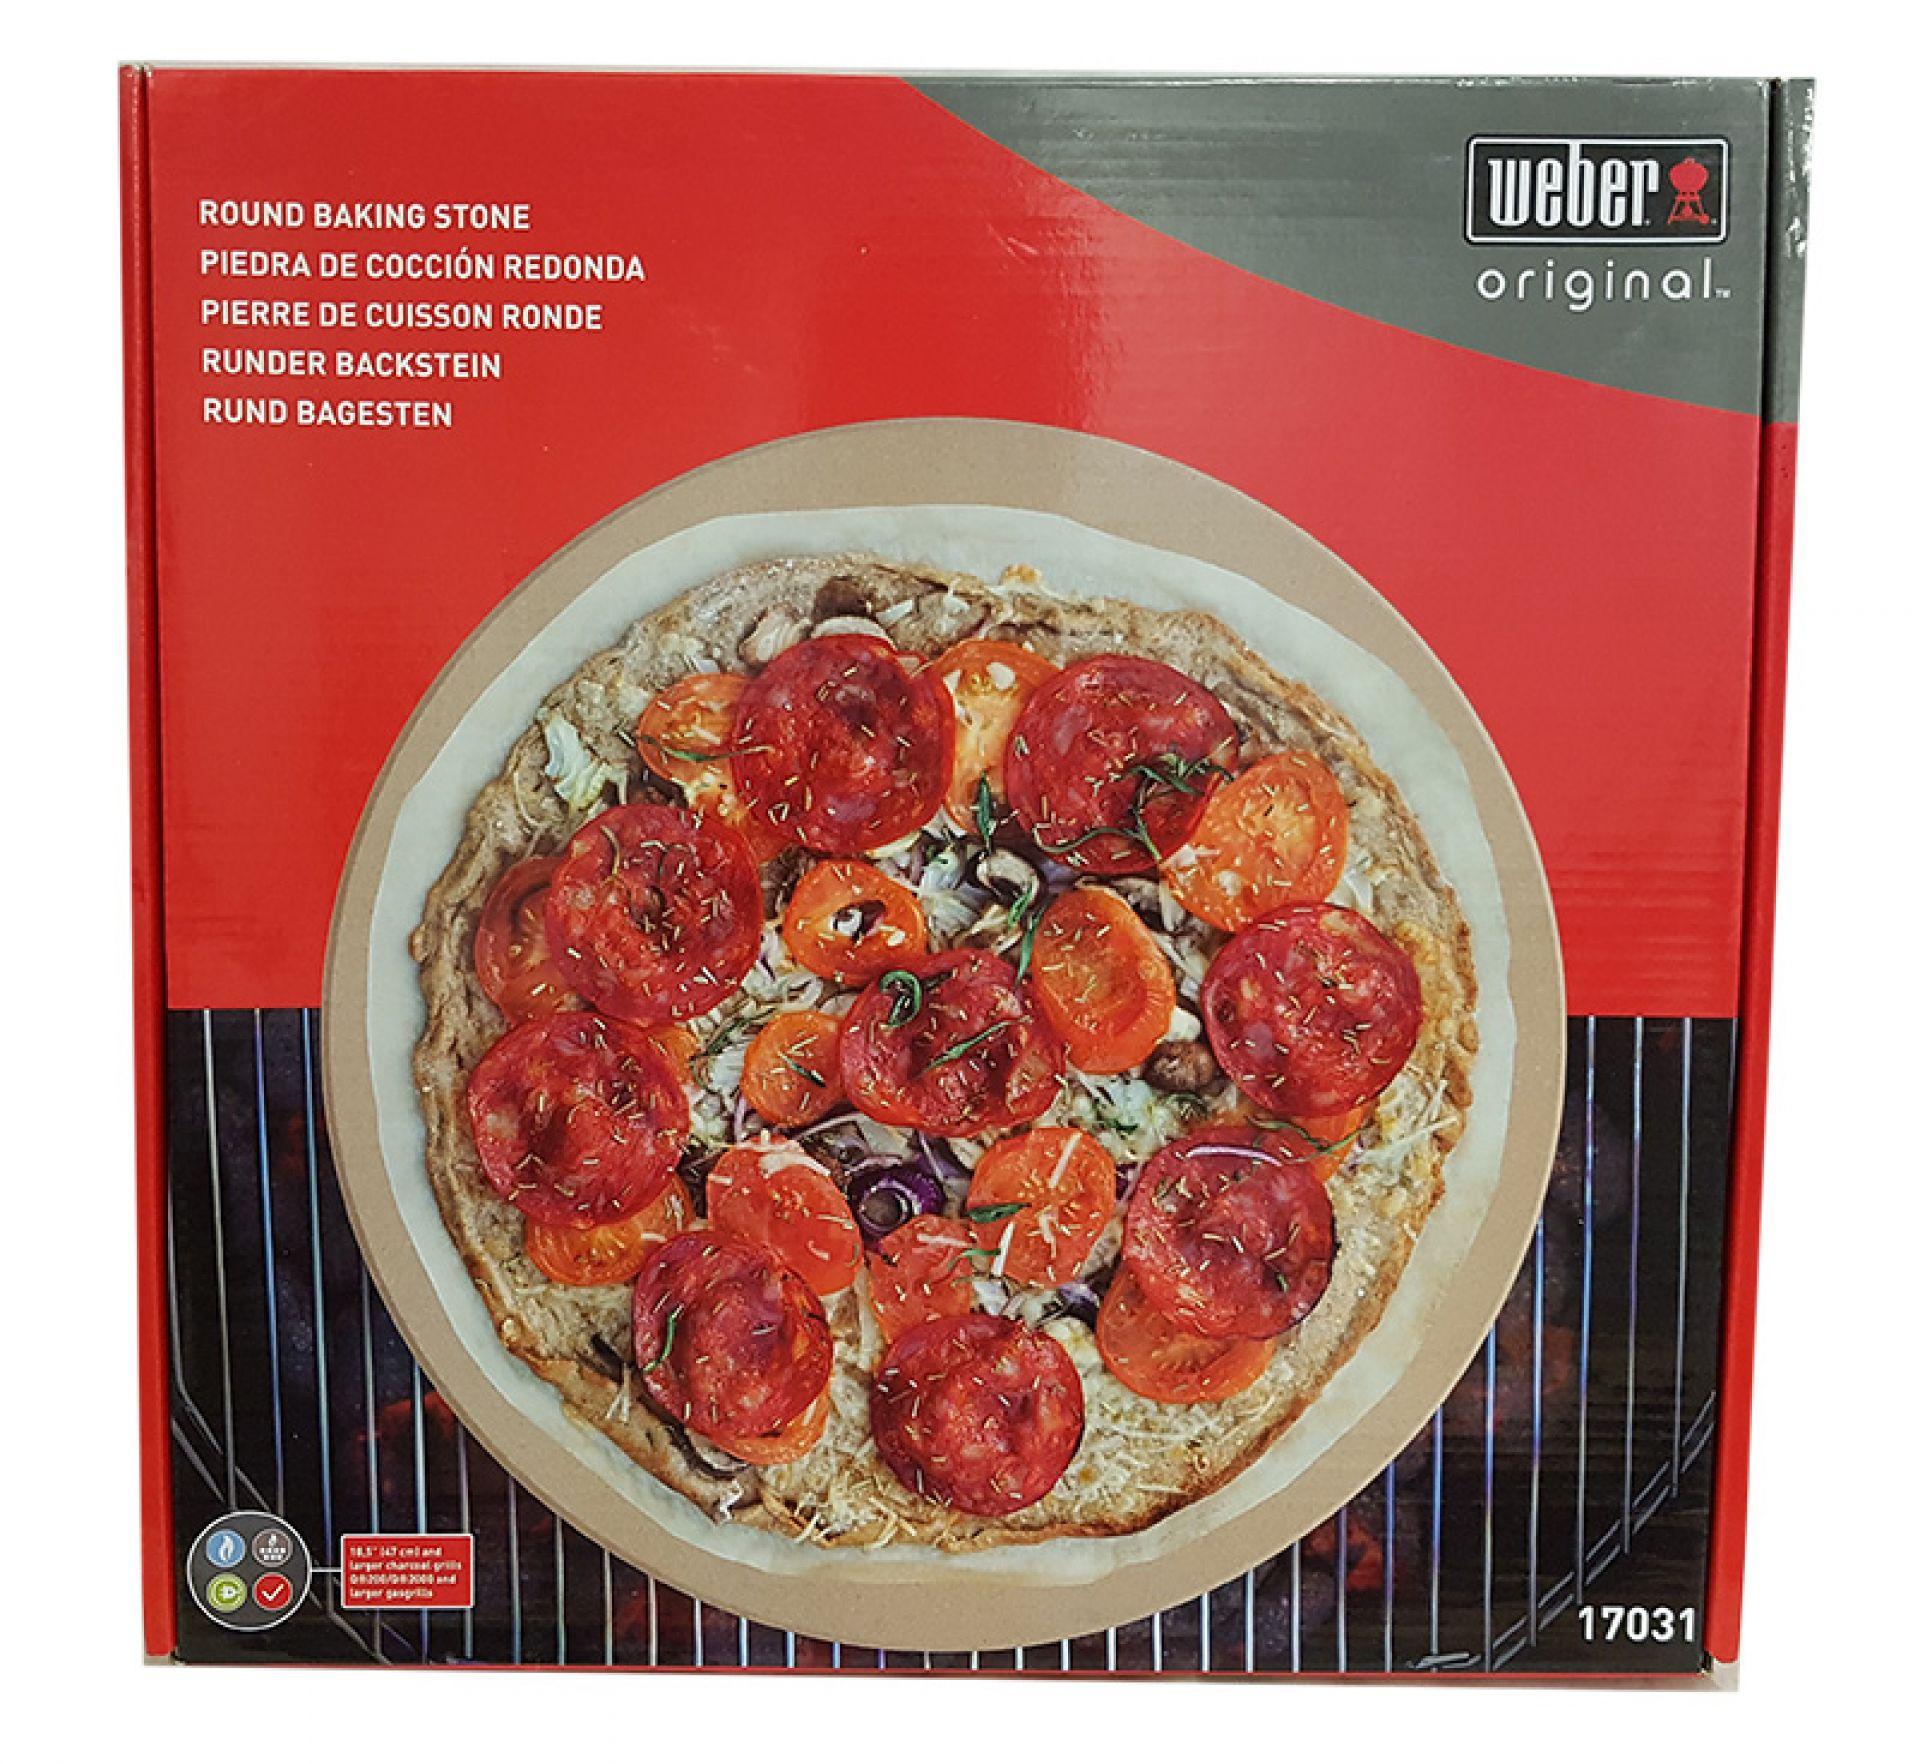 Weber - Pizzastein rund 36cm